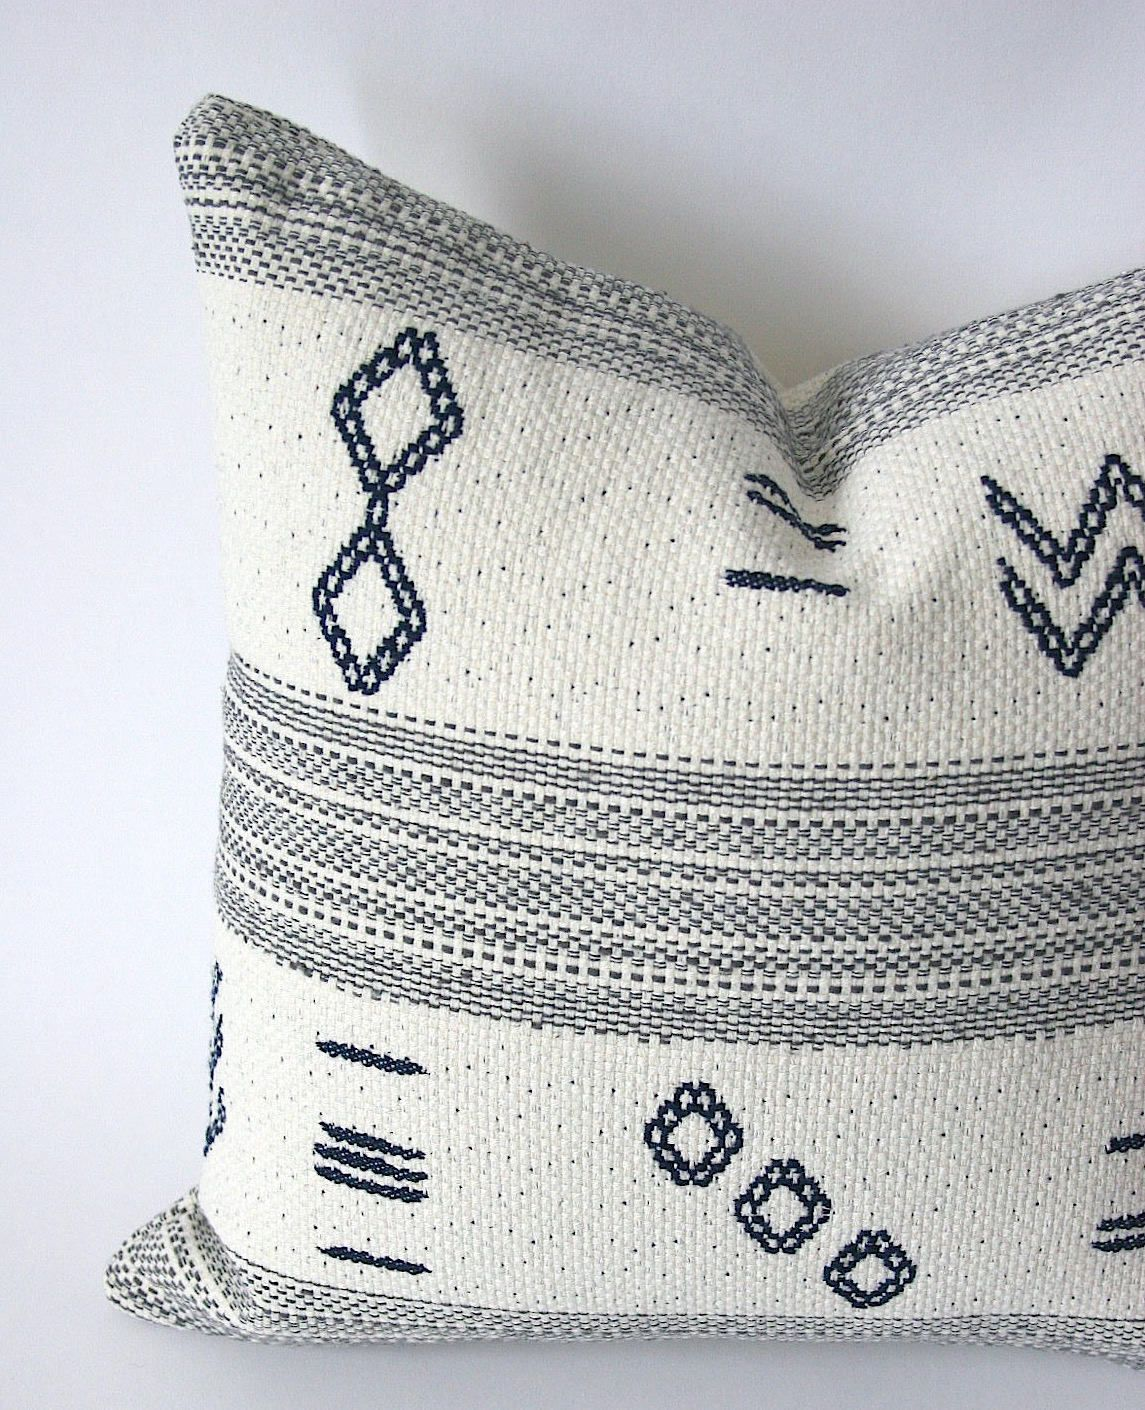 28X28 Pillow Insert Ultra Thick Grey Cream Navy Decorative Throw Zipper Pillow Cover